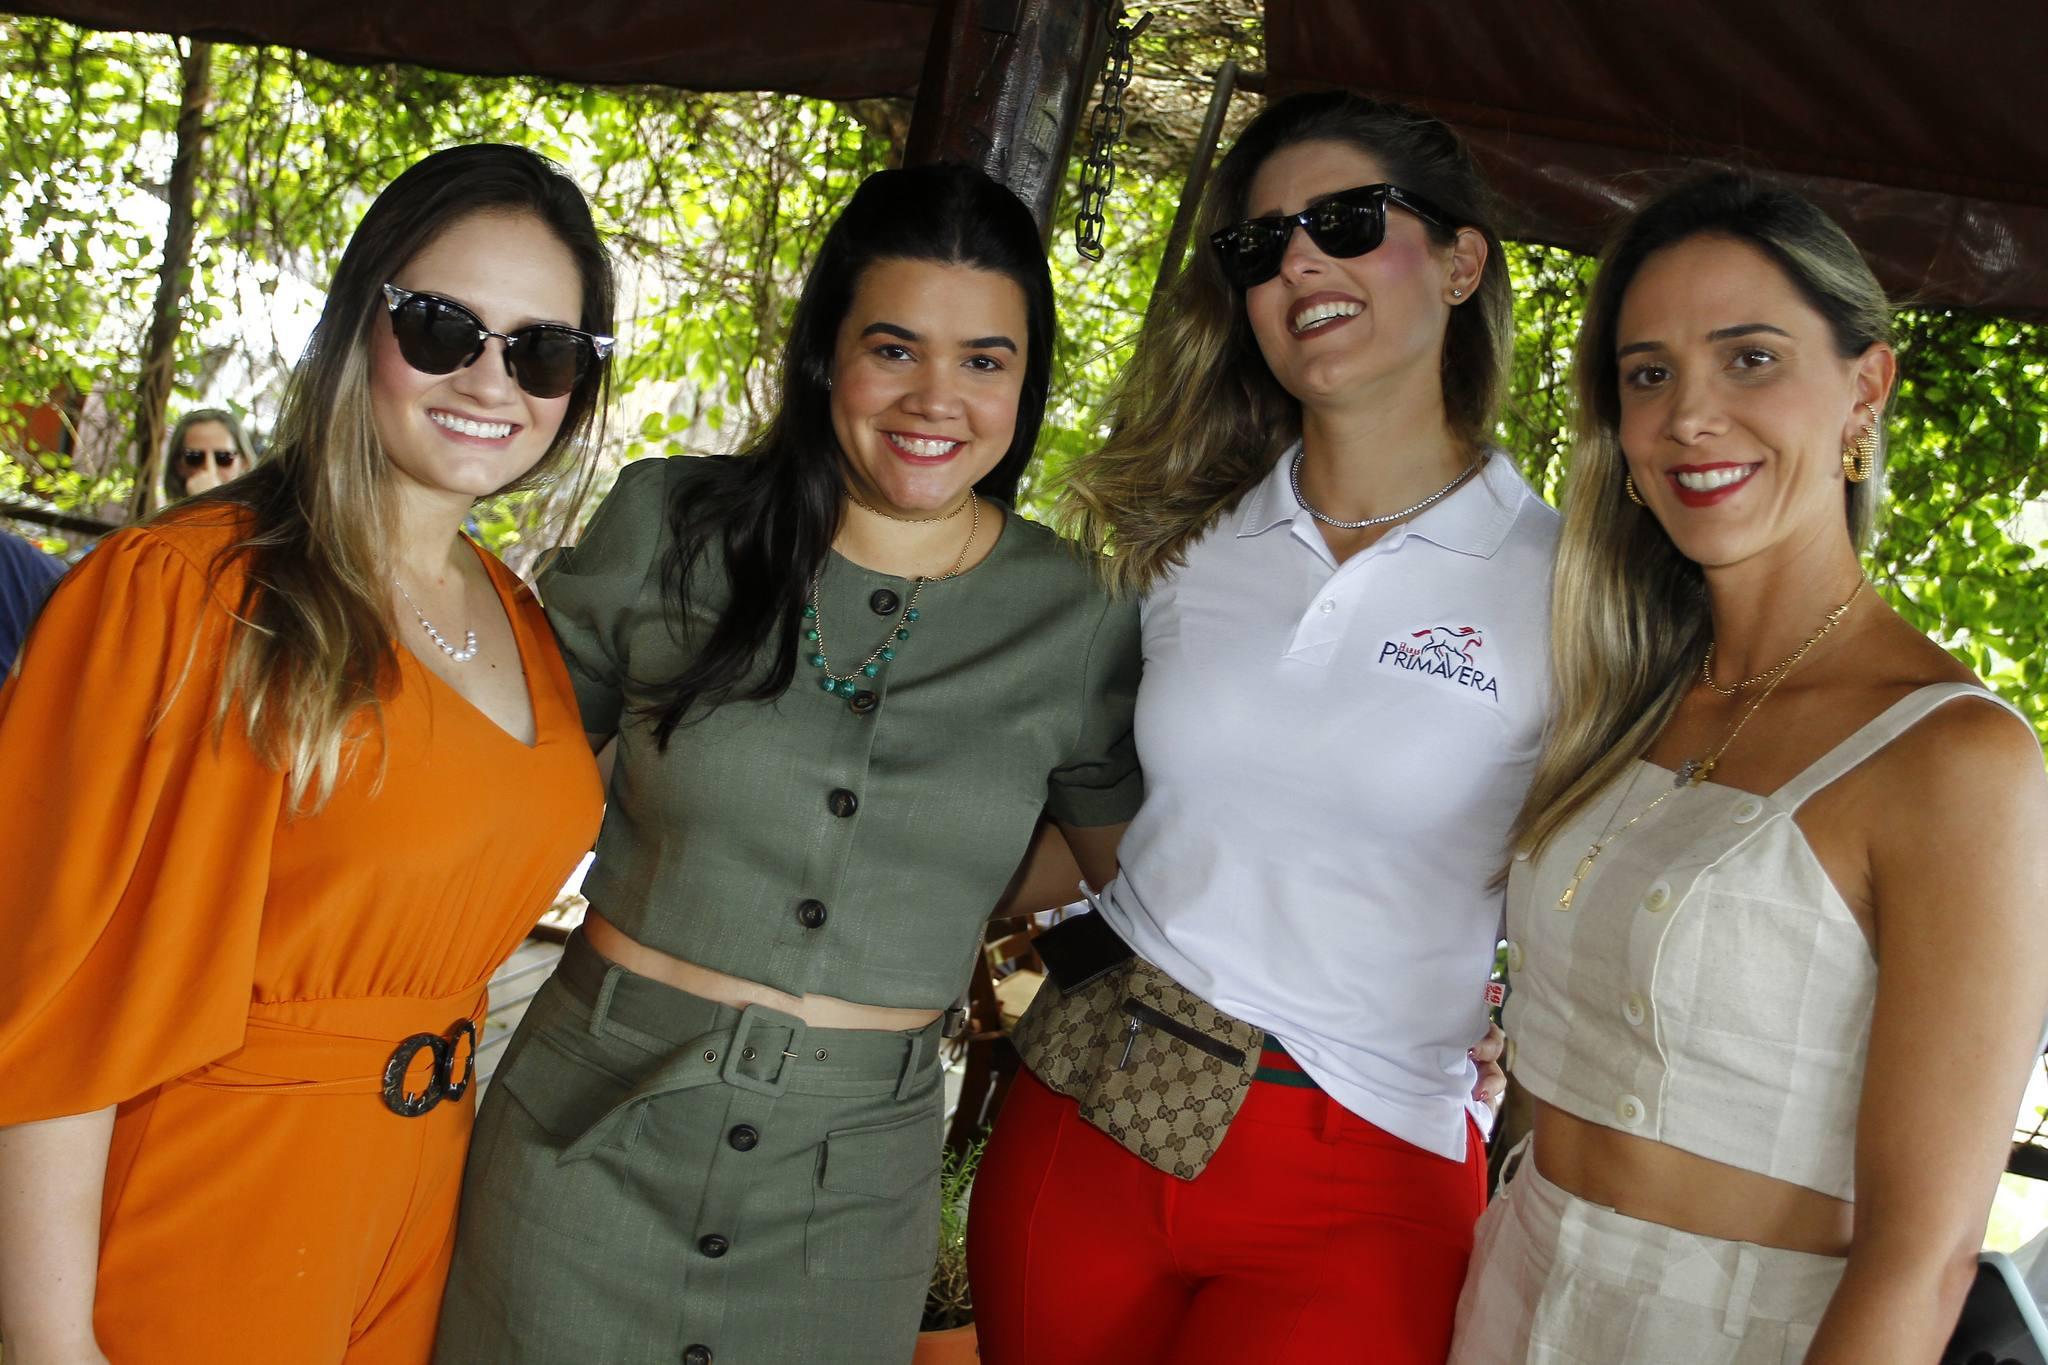 Leticia Teixeira, Priscila Leal, Rebeca Bastos E Livia Vieira